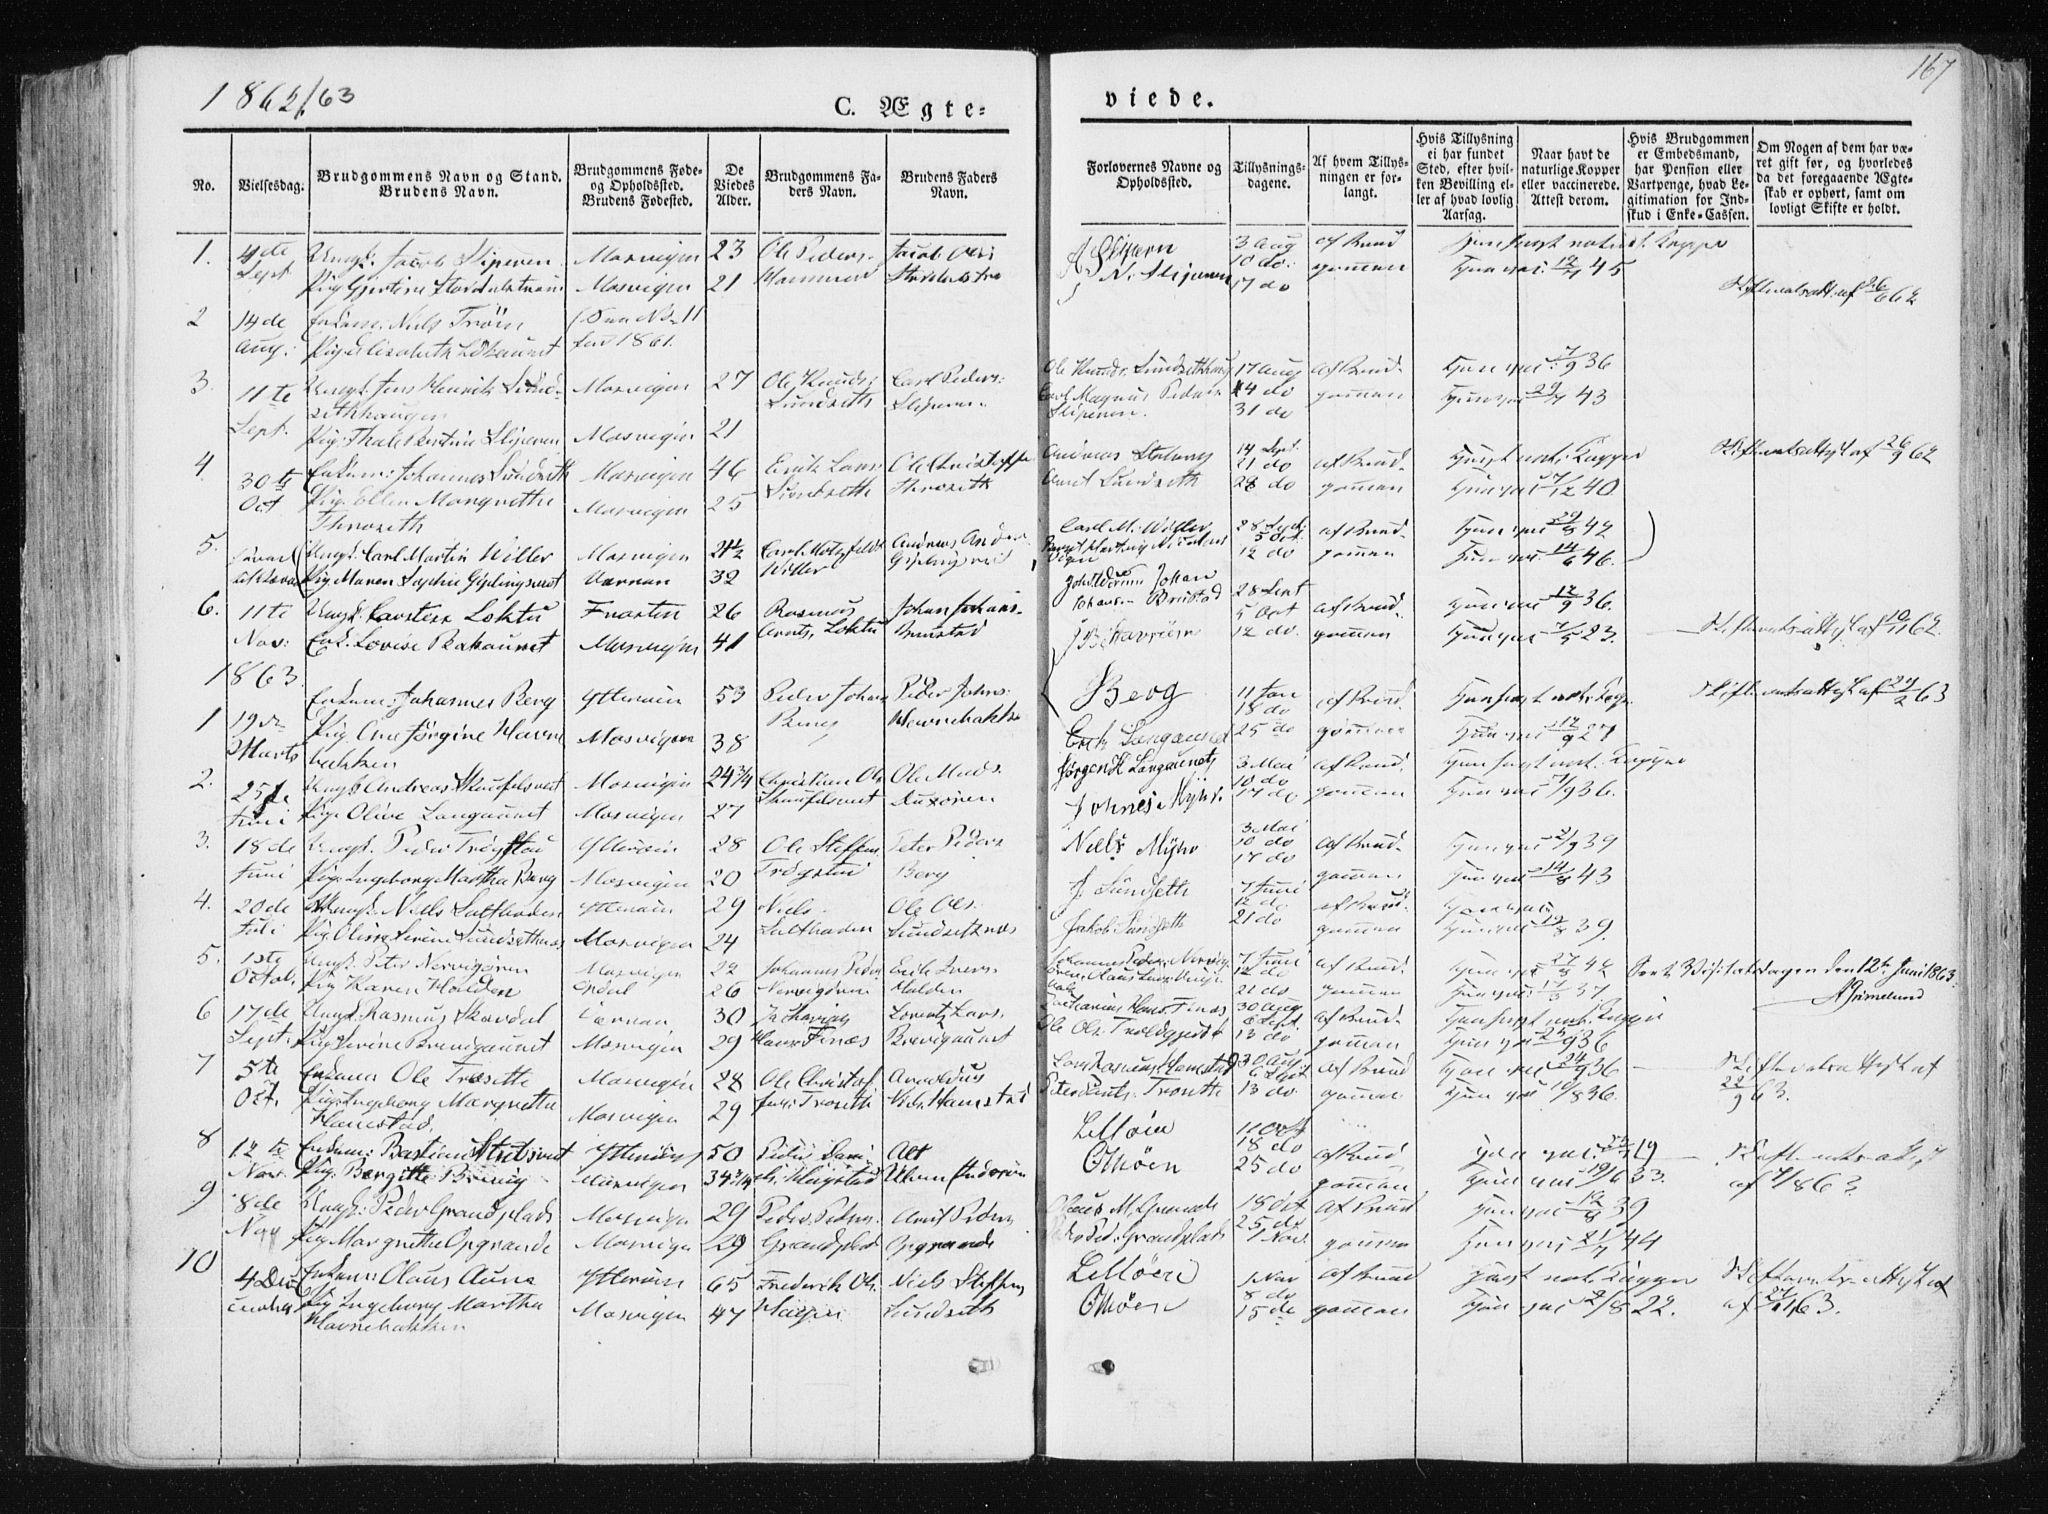 SAT, Ministerialprotokoller, klokkerbøker og fødselsregistre - Nord-Trøndelag, 733/L0323: Ministerialbok nr. 733A02, 1843-1870, s. 167